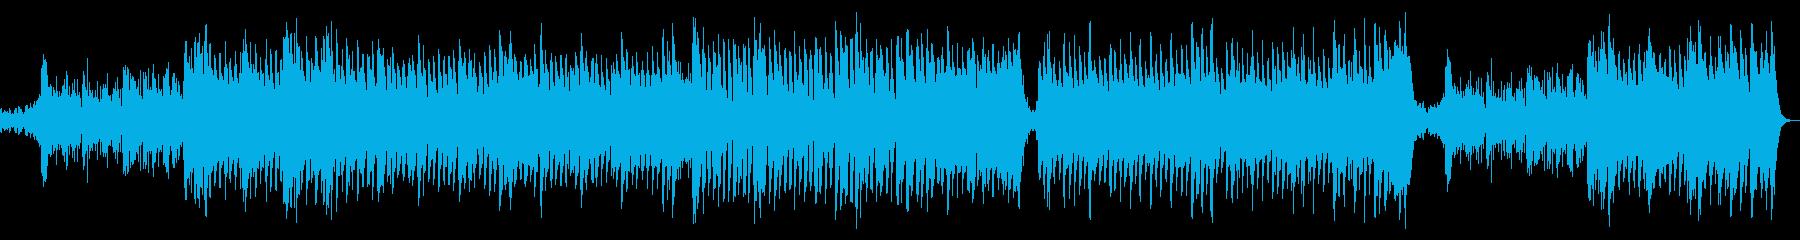 明るく華やかポップオーケストラ:弦ドラムの再生済みの波形